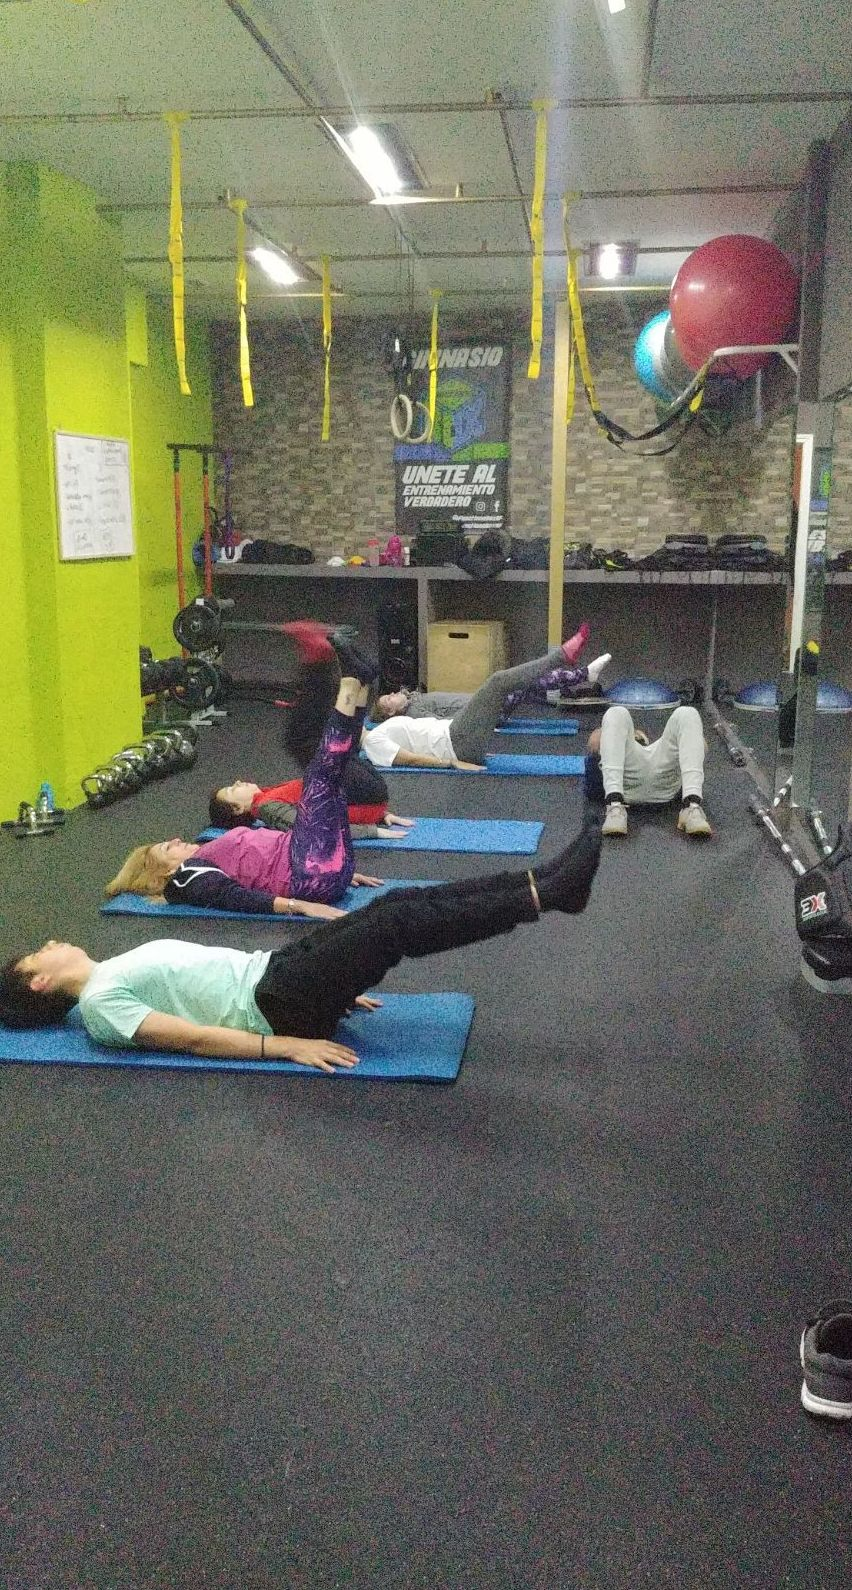 Pilates horario Mañana de 9\u003B30 a 10\u003B30